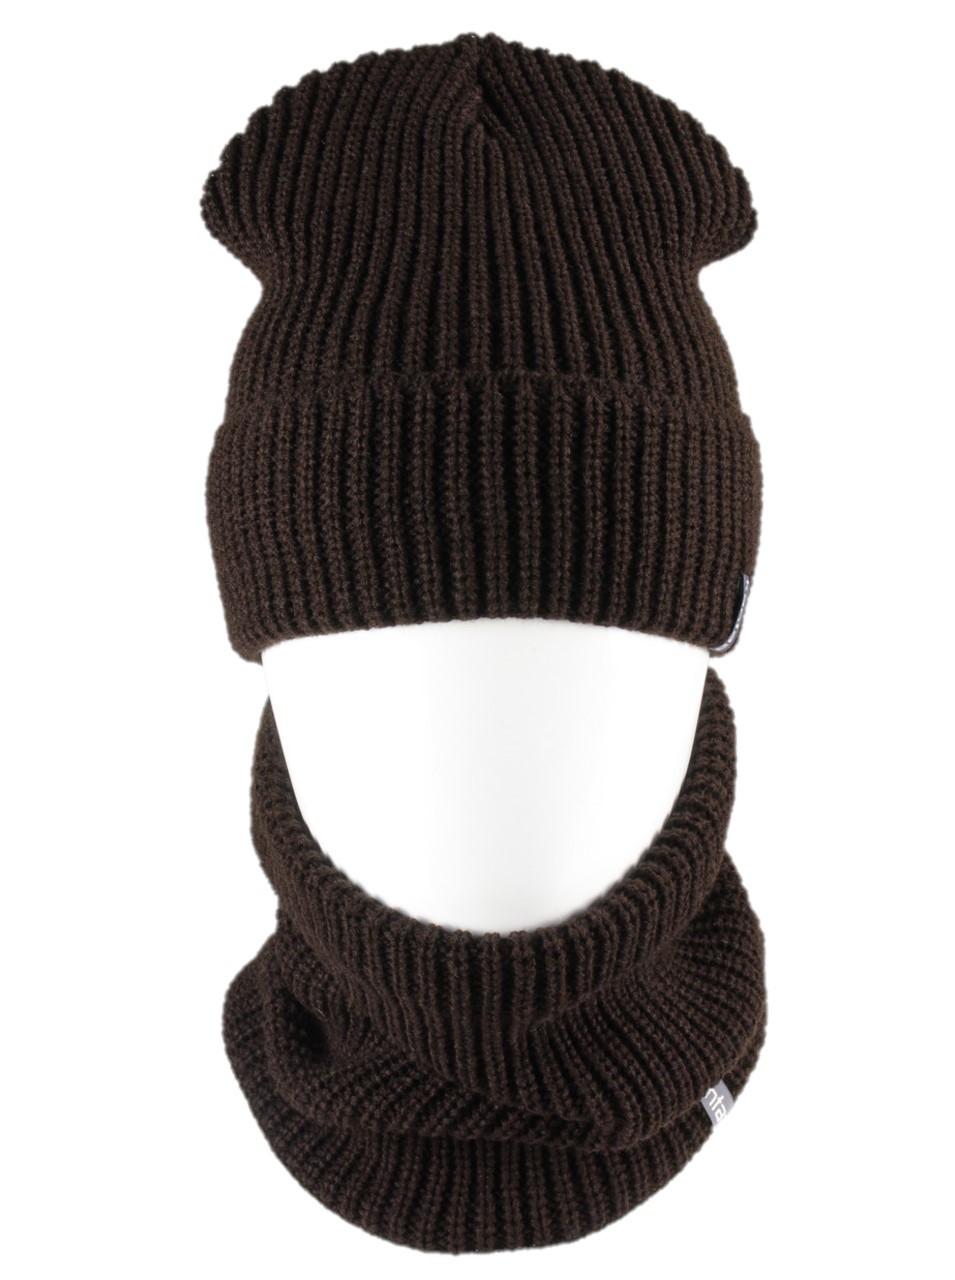 В'язана шапка з Buff снуд КАНТА унісекс розмір дорослий, коричневий (OC-092)